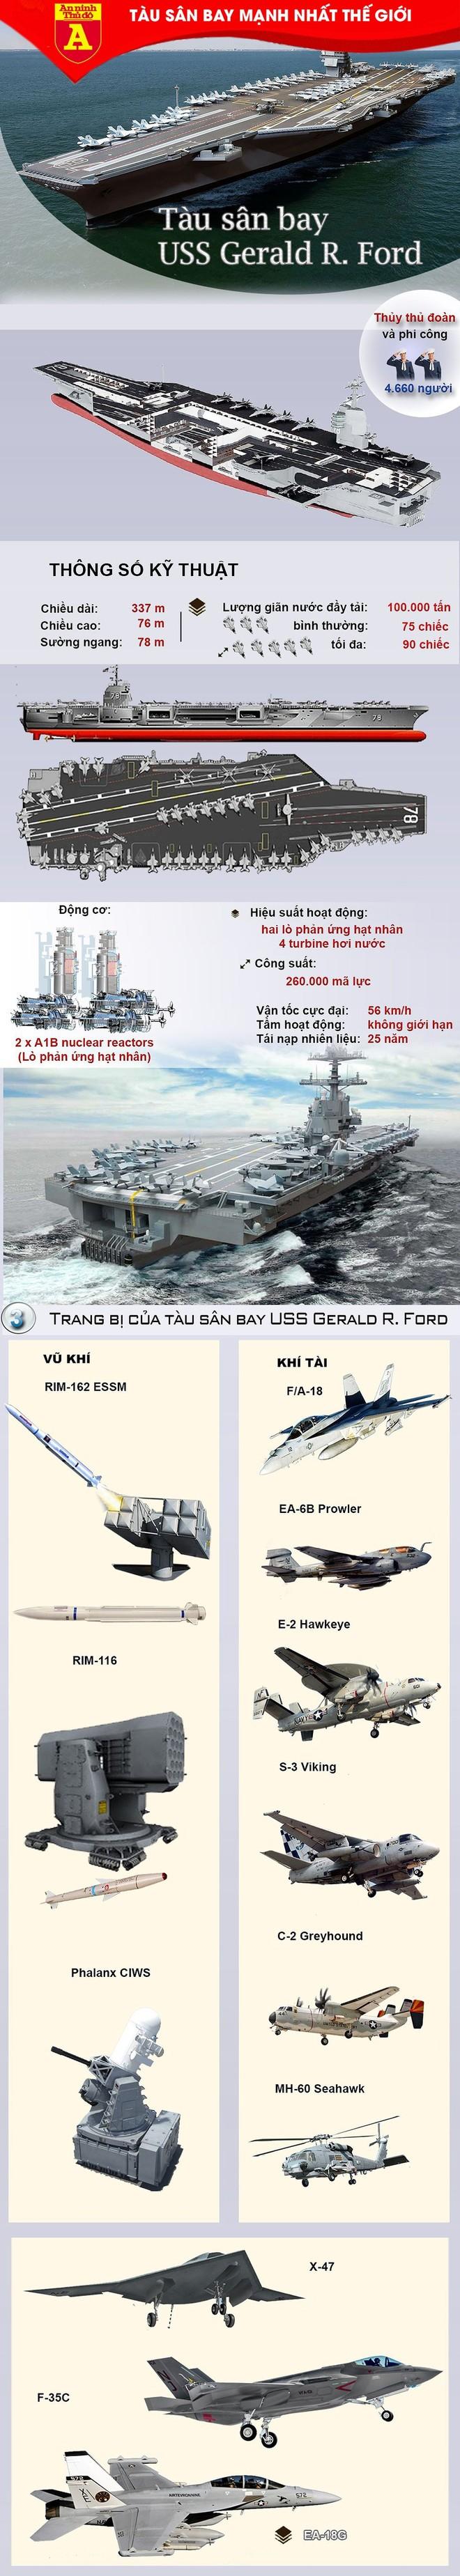 [Info] 5 năm nữa, siêu tàu sân bay mạnh nhất hành tinh mới có thể trực chiến ảnh 2